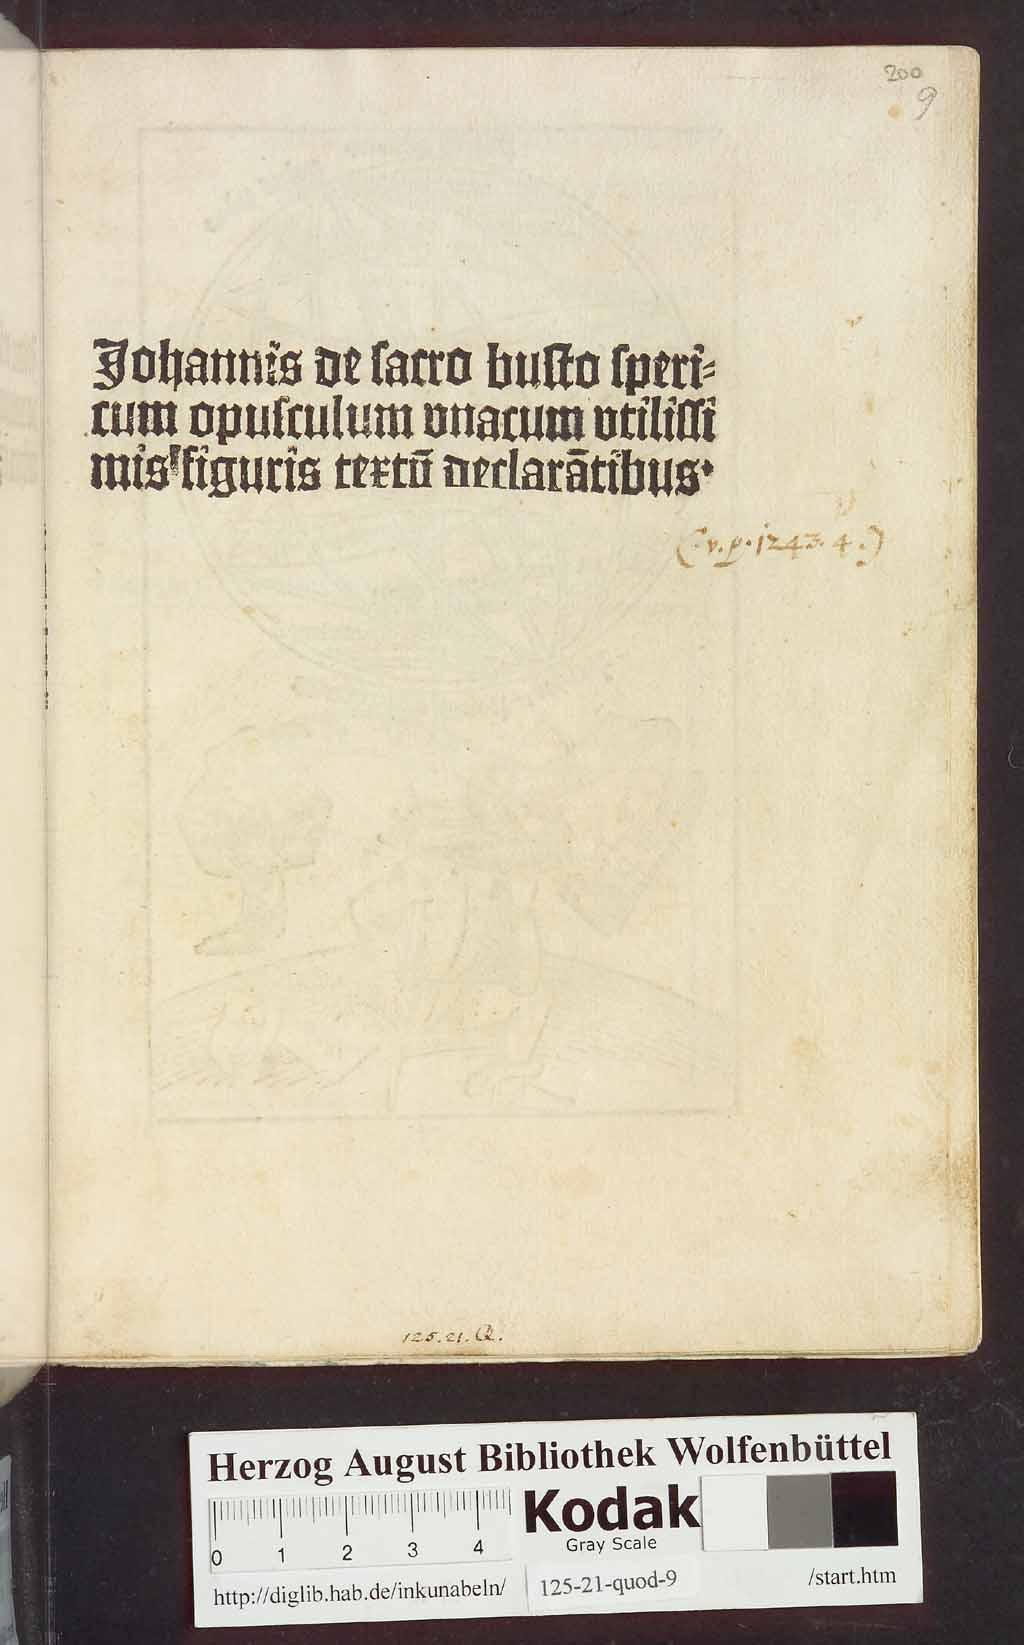 http://diglib.hab.de/inkunabeln/125-21-quod-9/00001.jpg